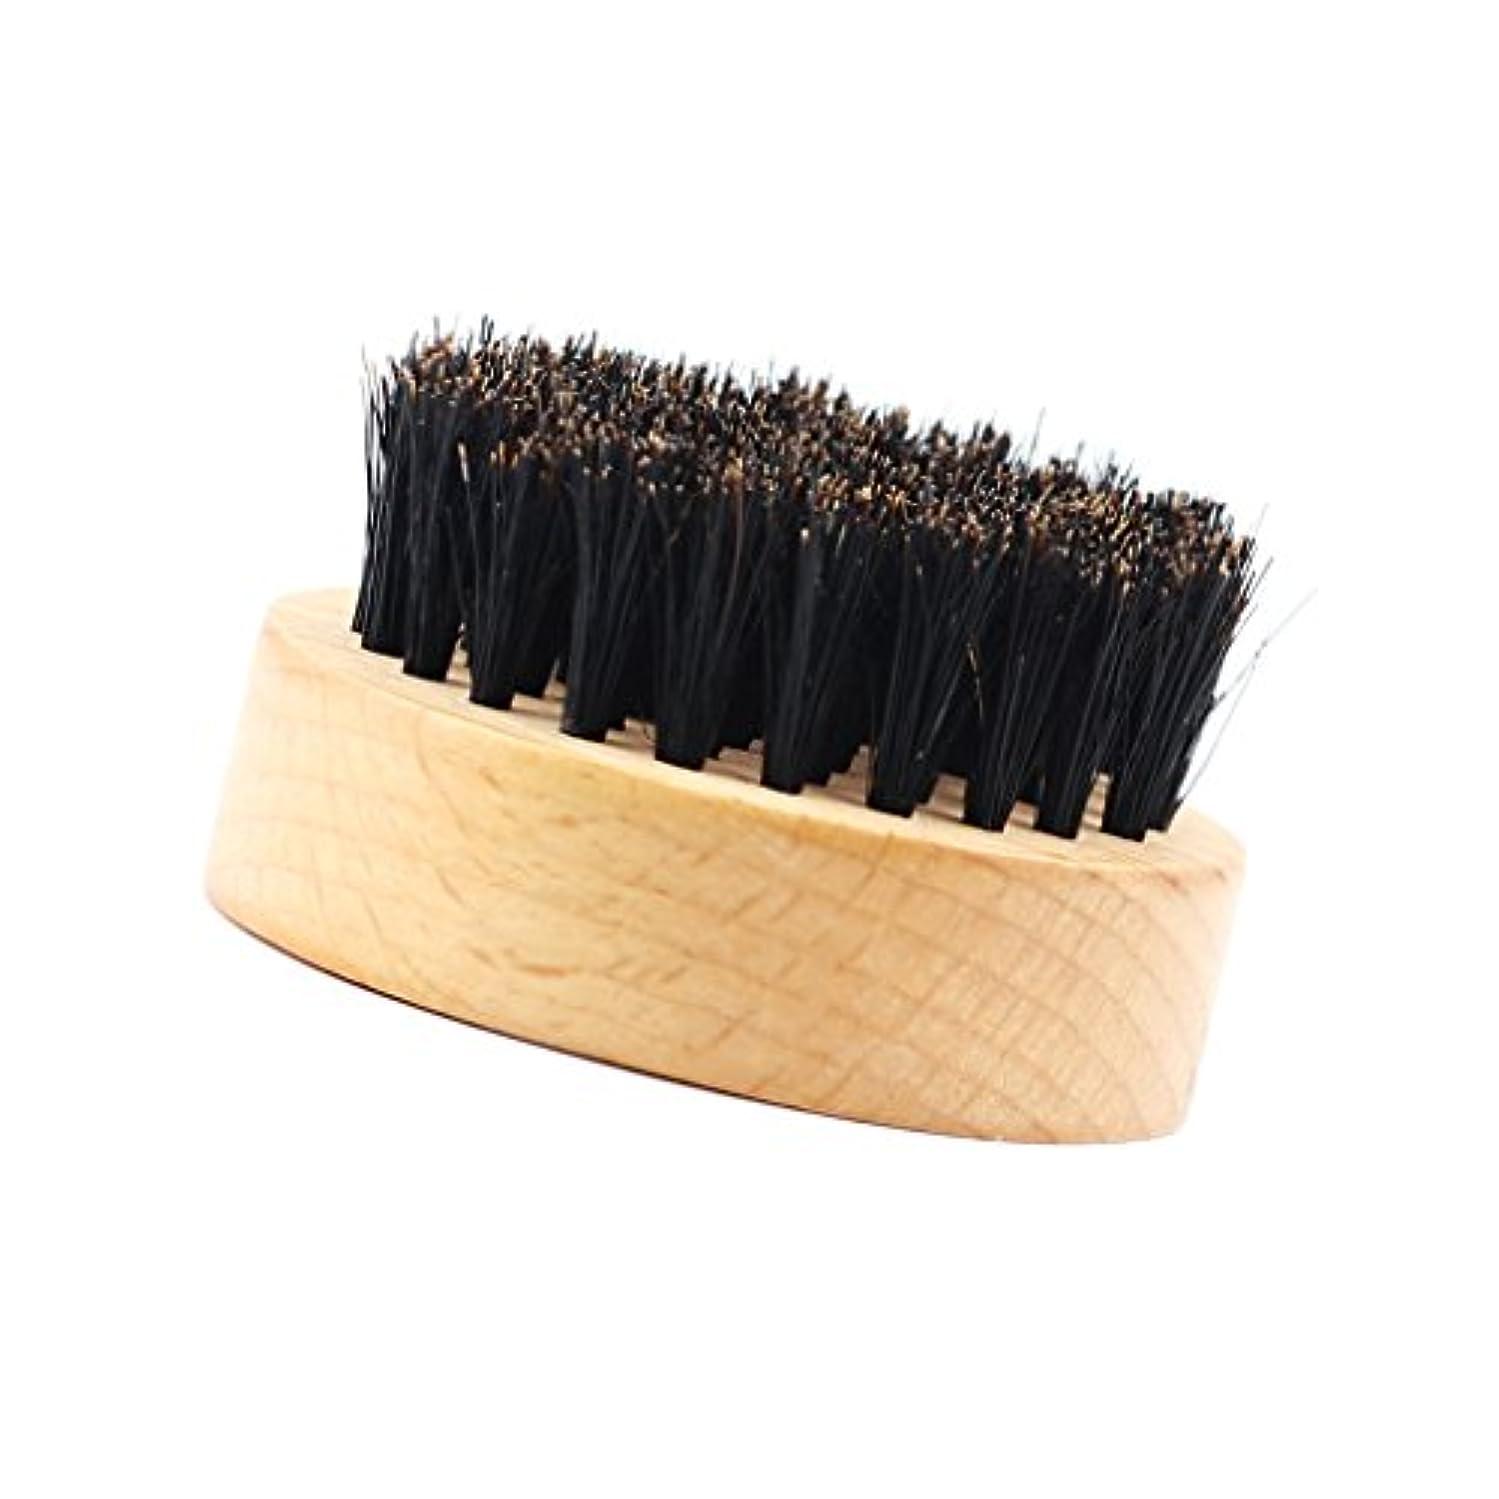 省略する障害促す髭ブラシ ひげ剃り 豚毛 天然木ハンドル 口ひげケア 2タイプ選べる - #2